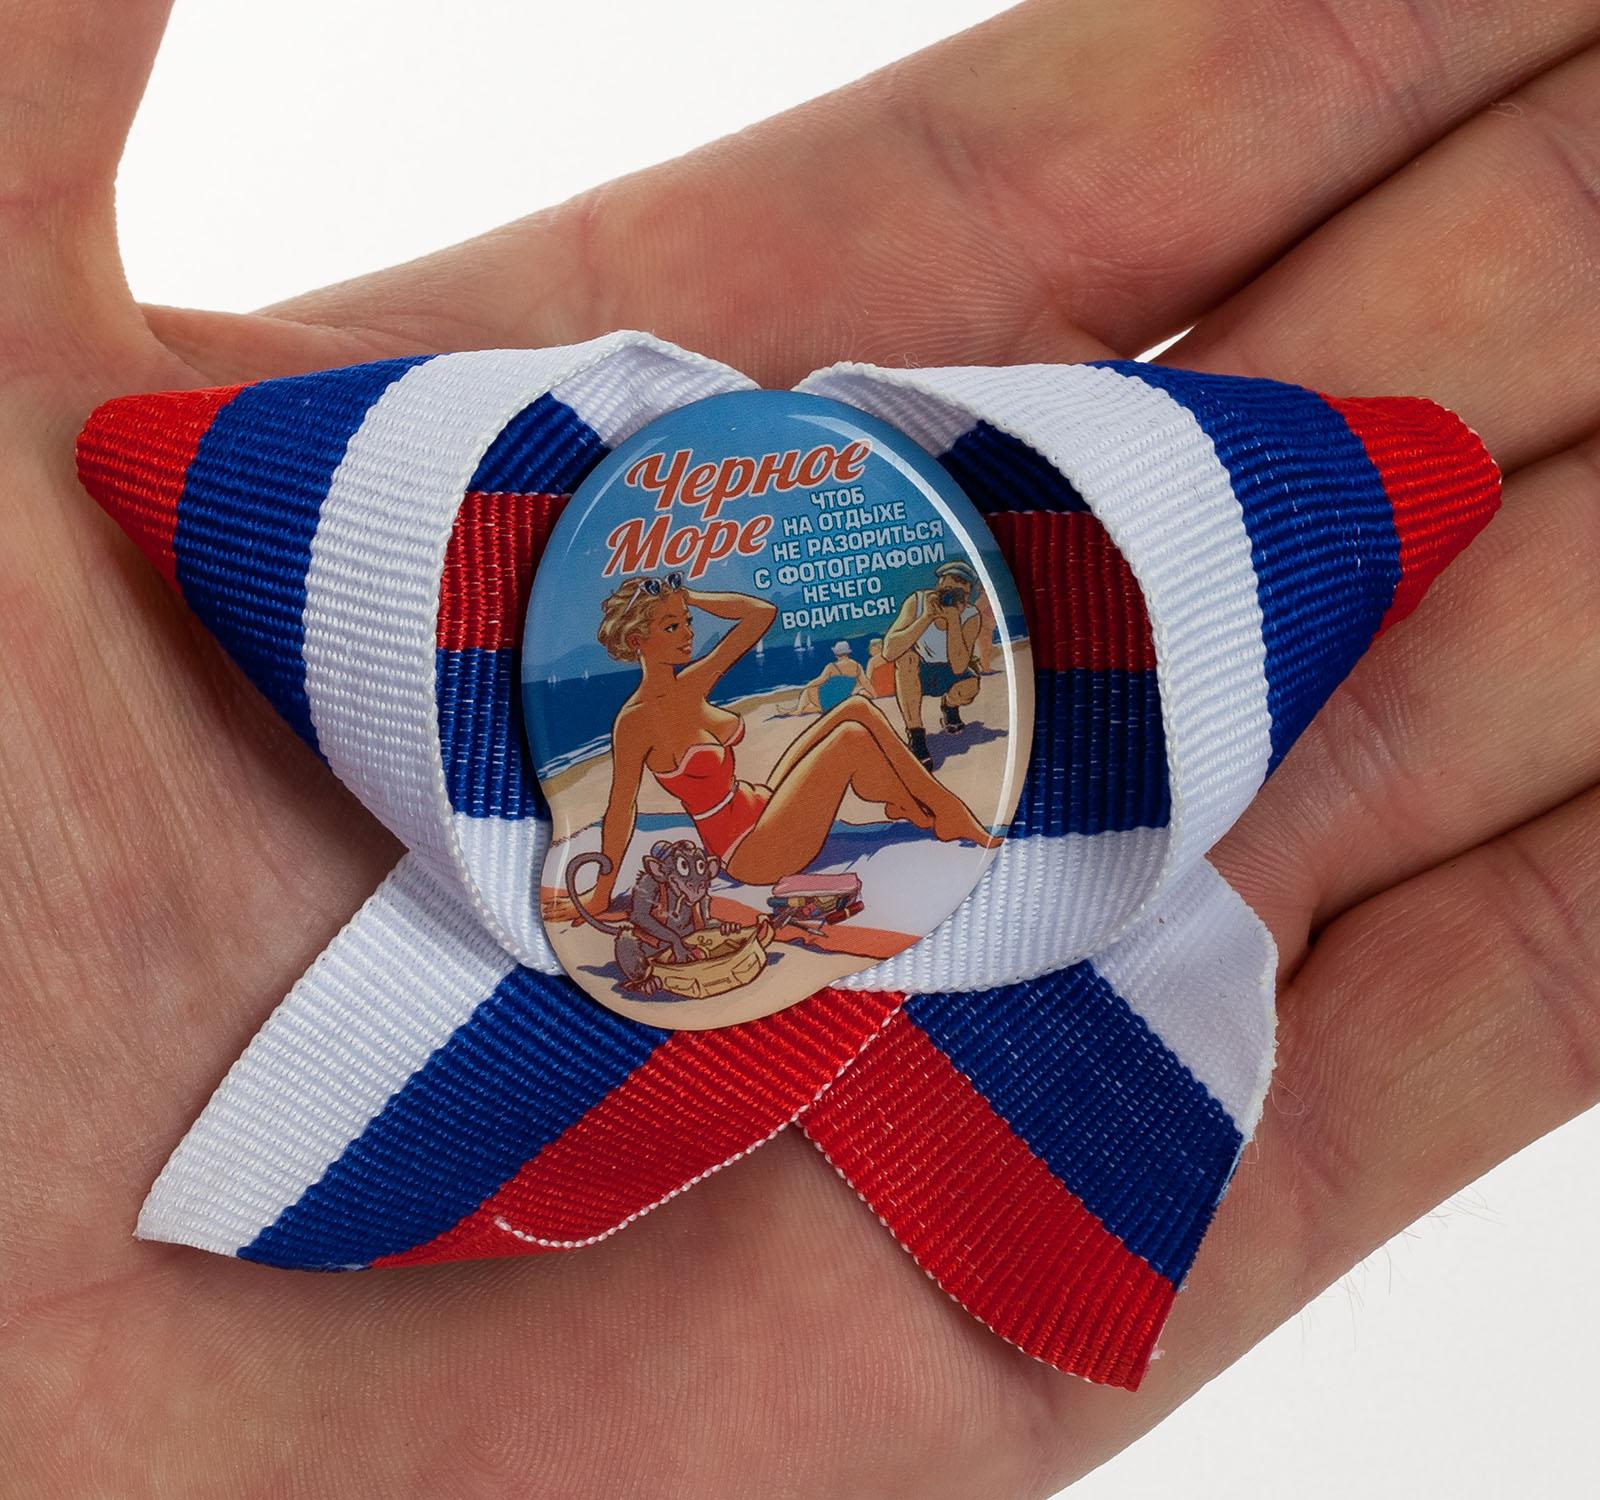 Заказать пляжные значки-сувениры Черное море недорого